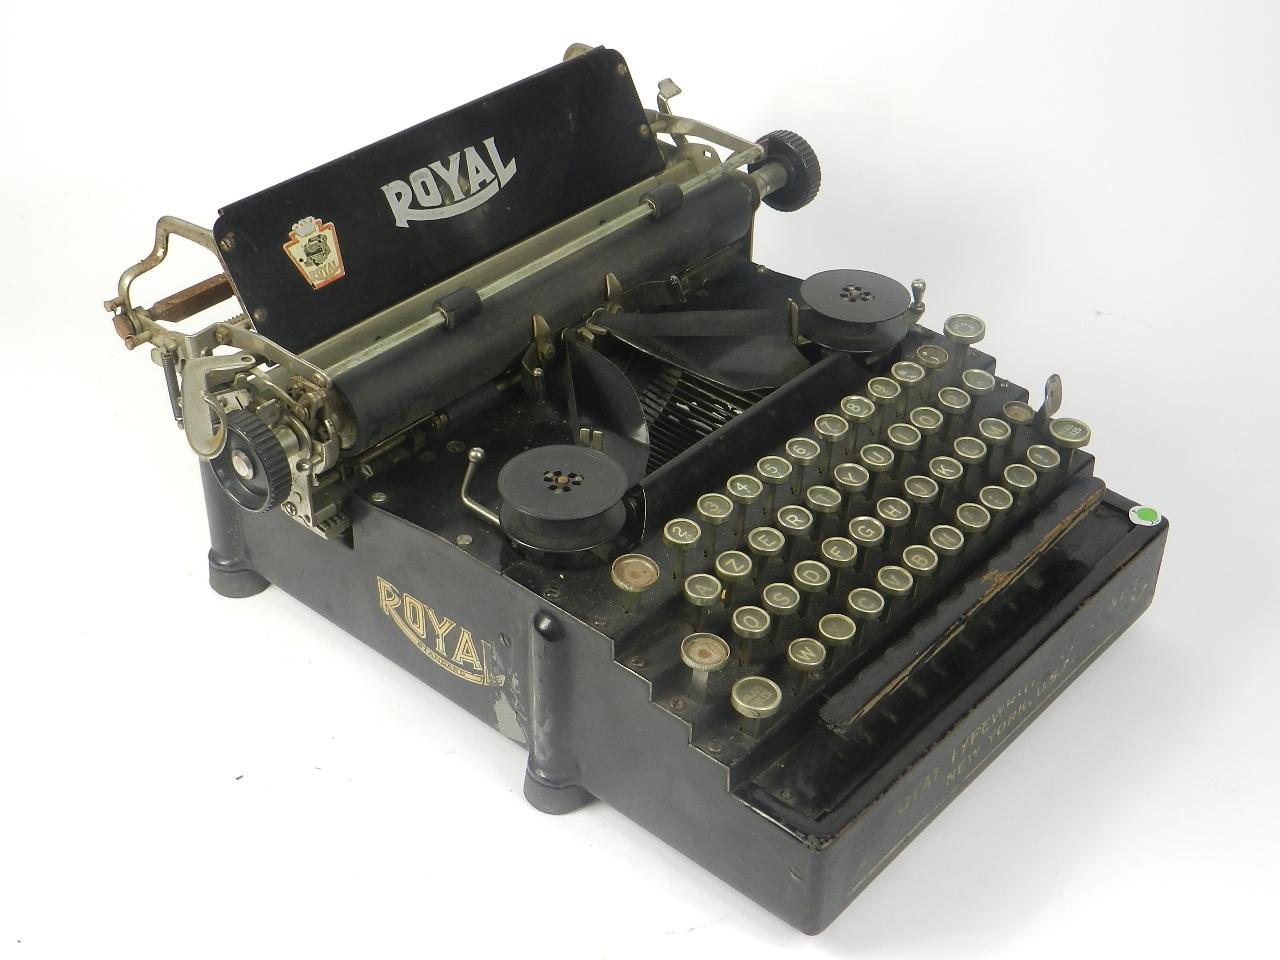 Imagen ROYAL Nº5  AÑO 1917 30888